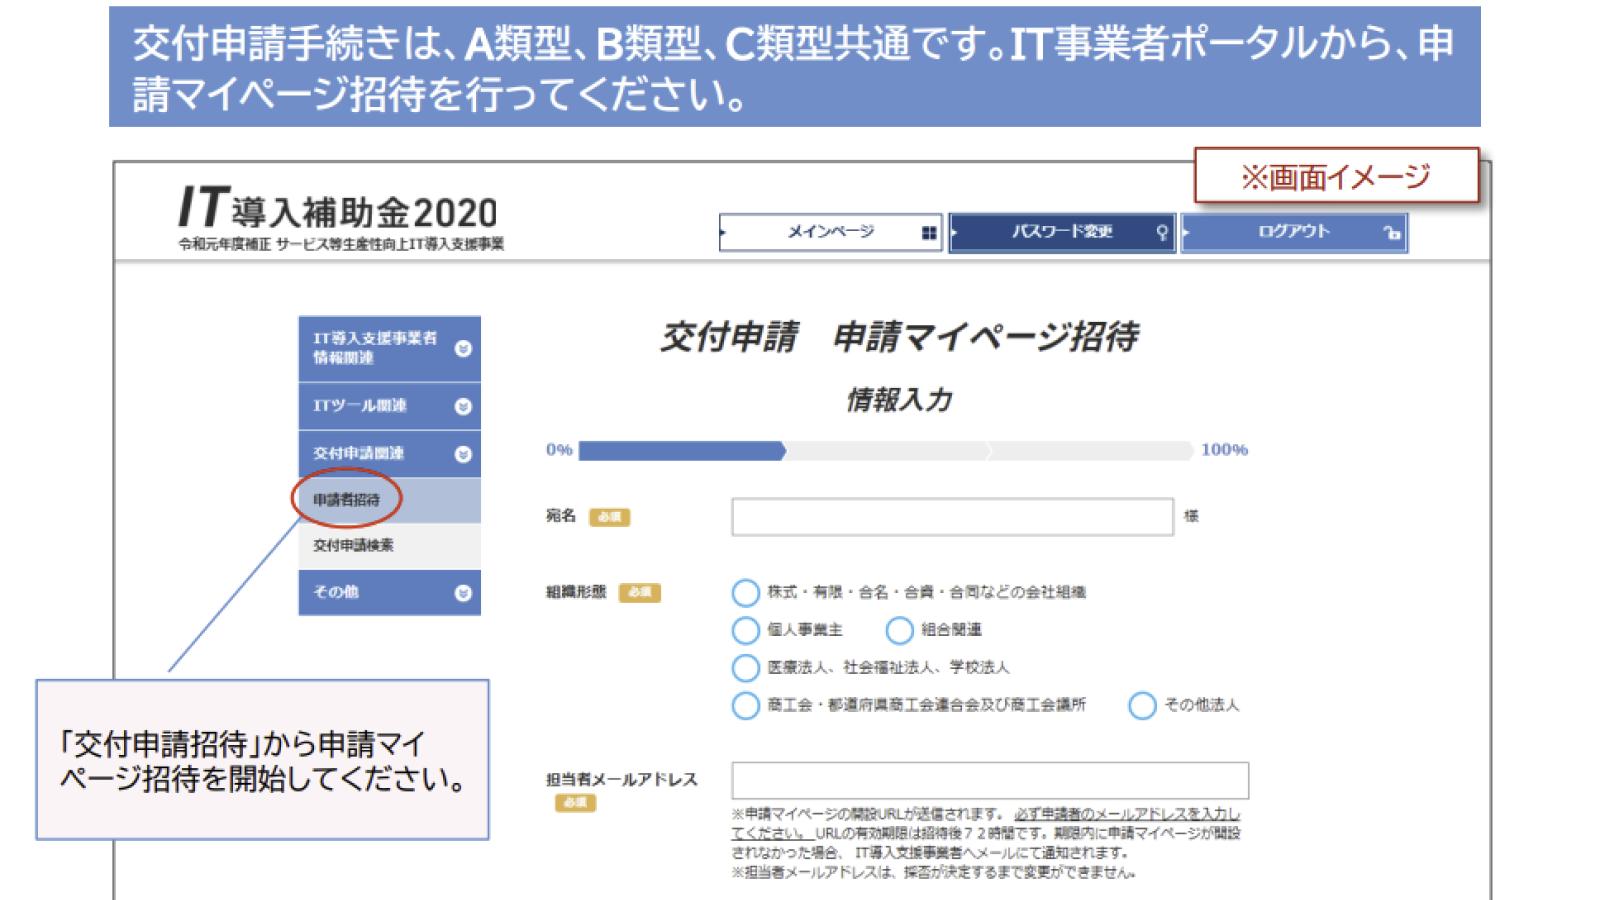 IT導入補助金申請マイページ招待のスクリーンショット